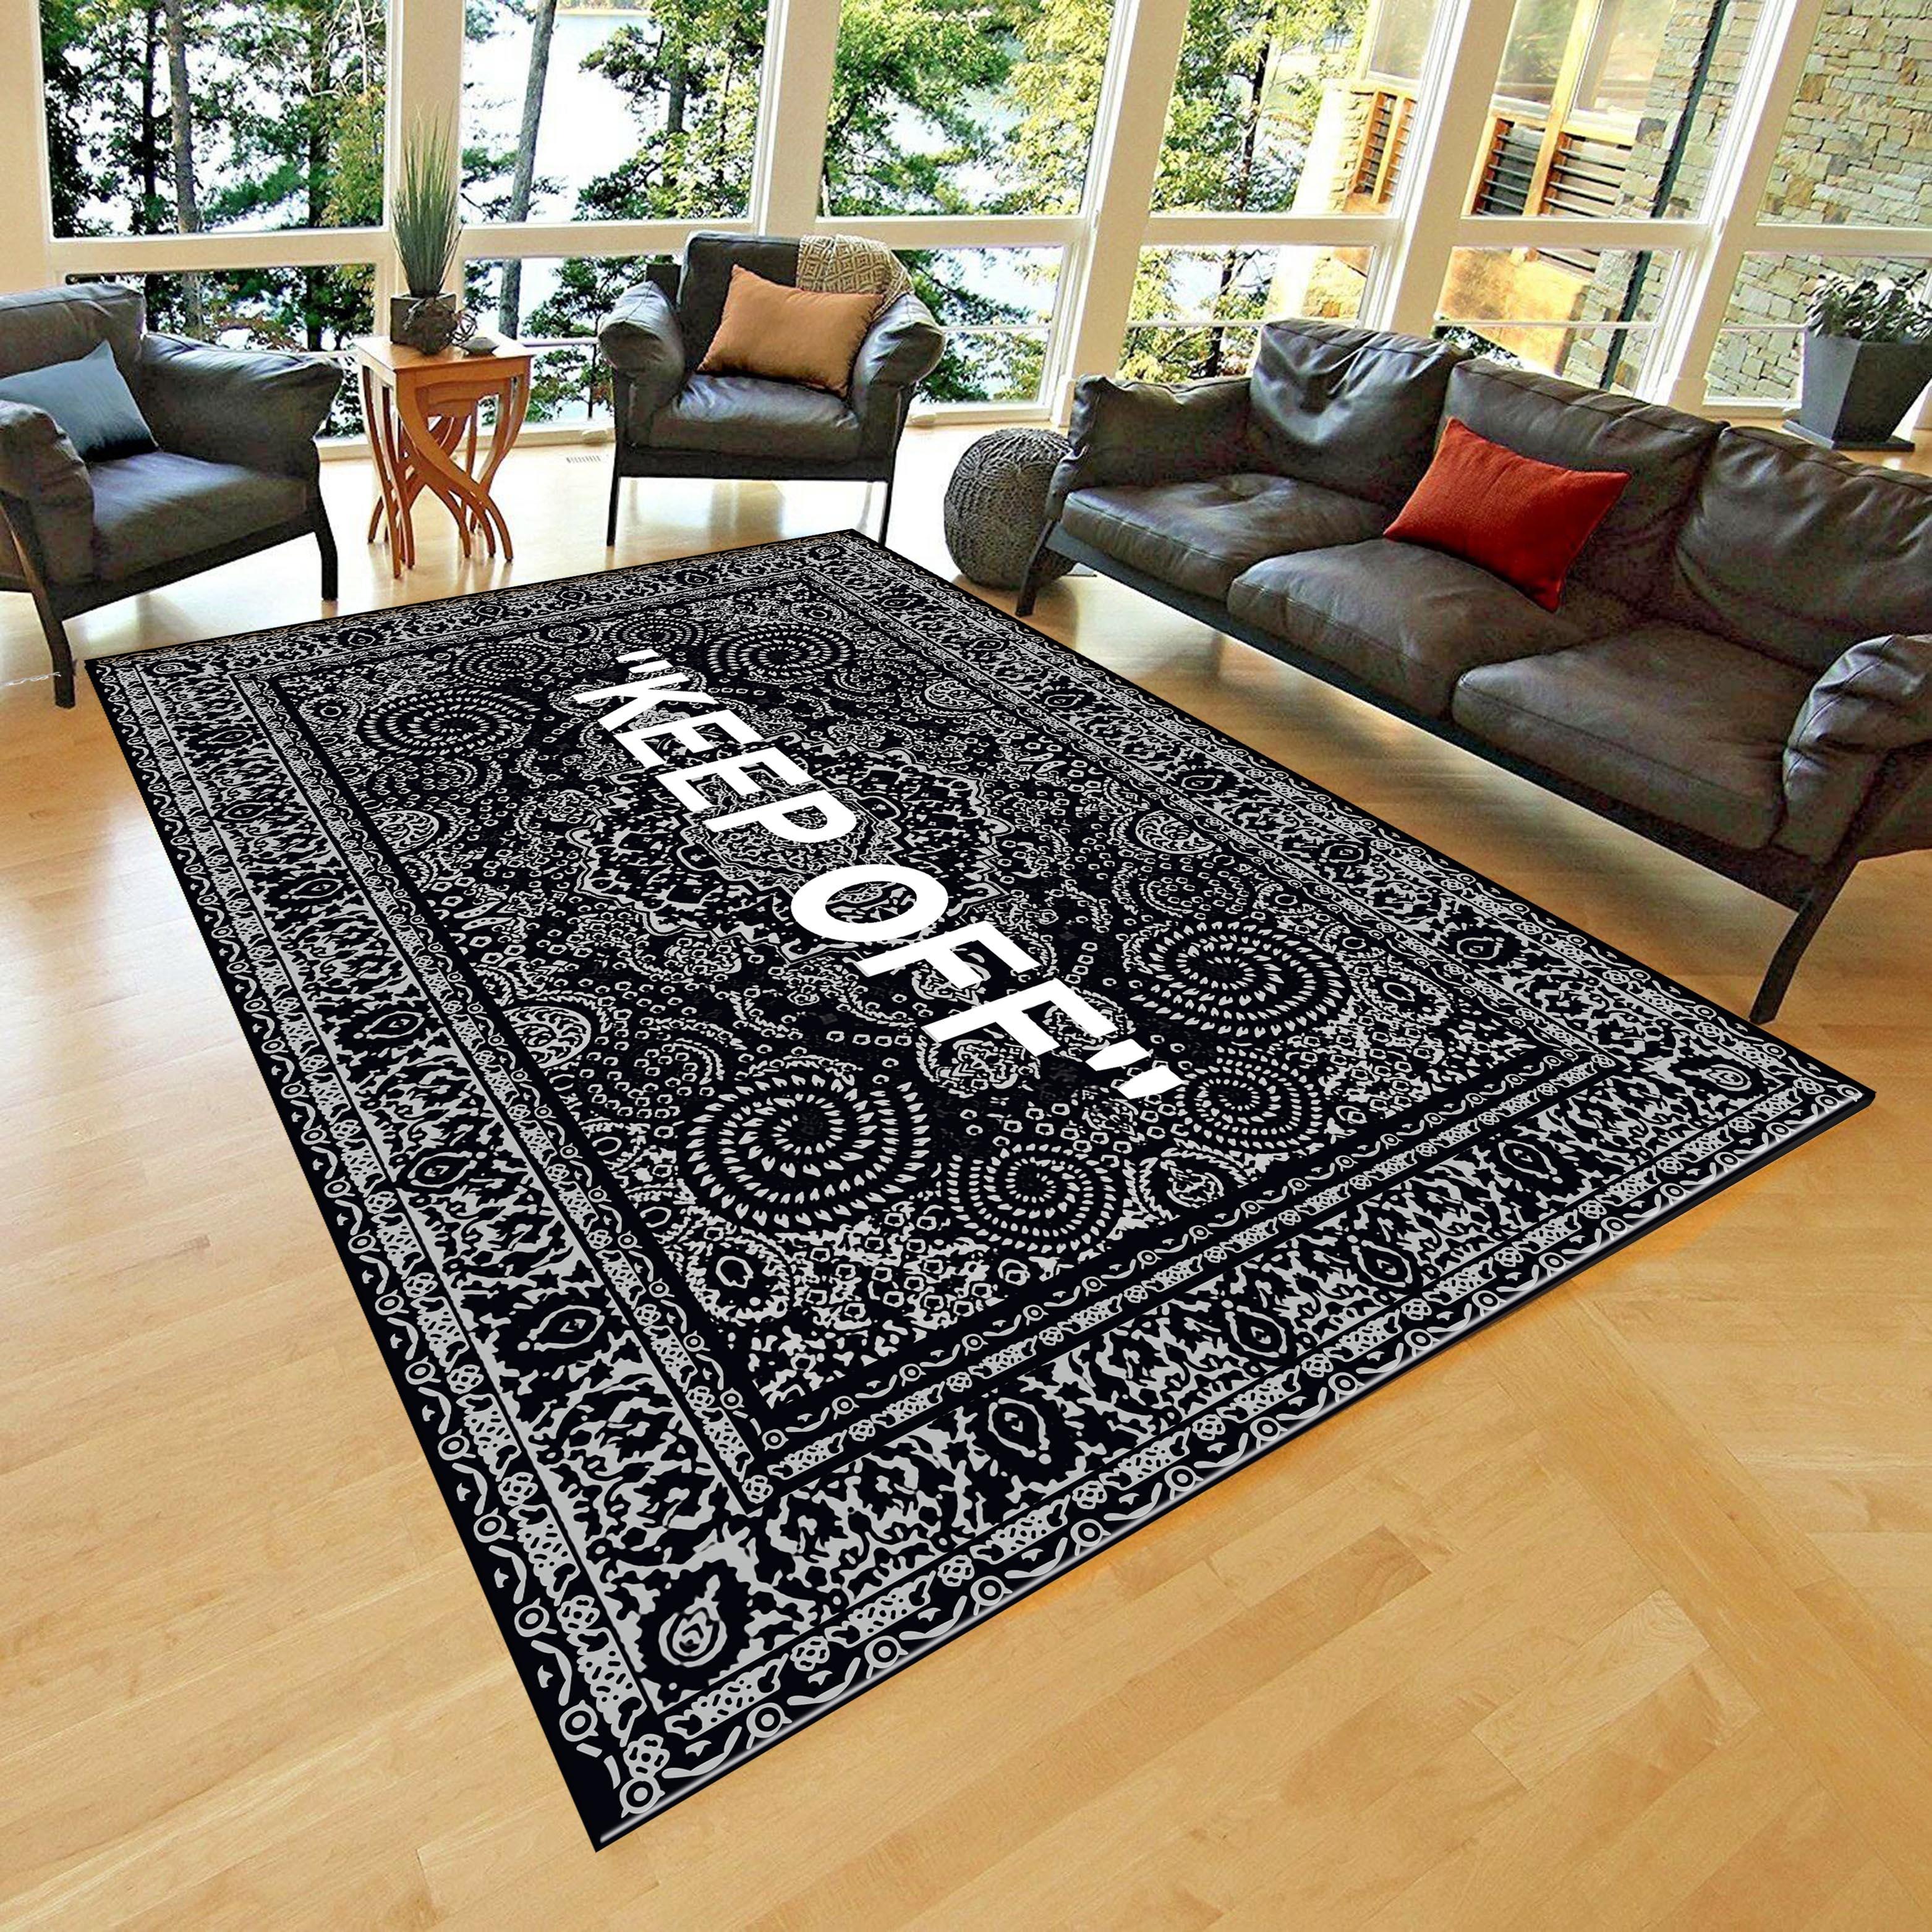 Le tapis à motifs Beatles 8, tapis de cuisine tapis de sol antidérapant, tapis de couloir de tapis jeune homme, tapis moderne